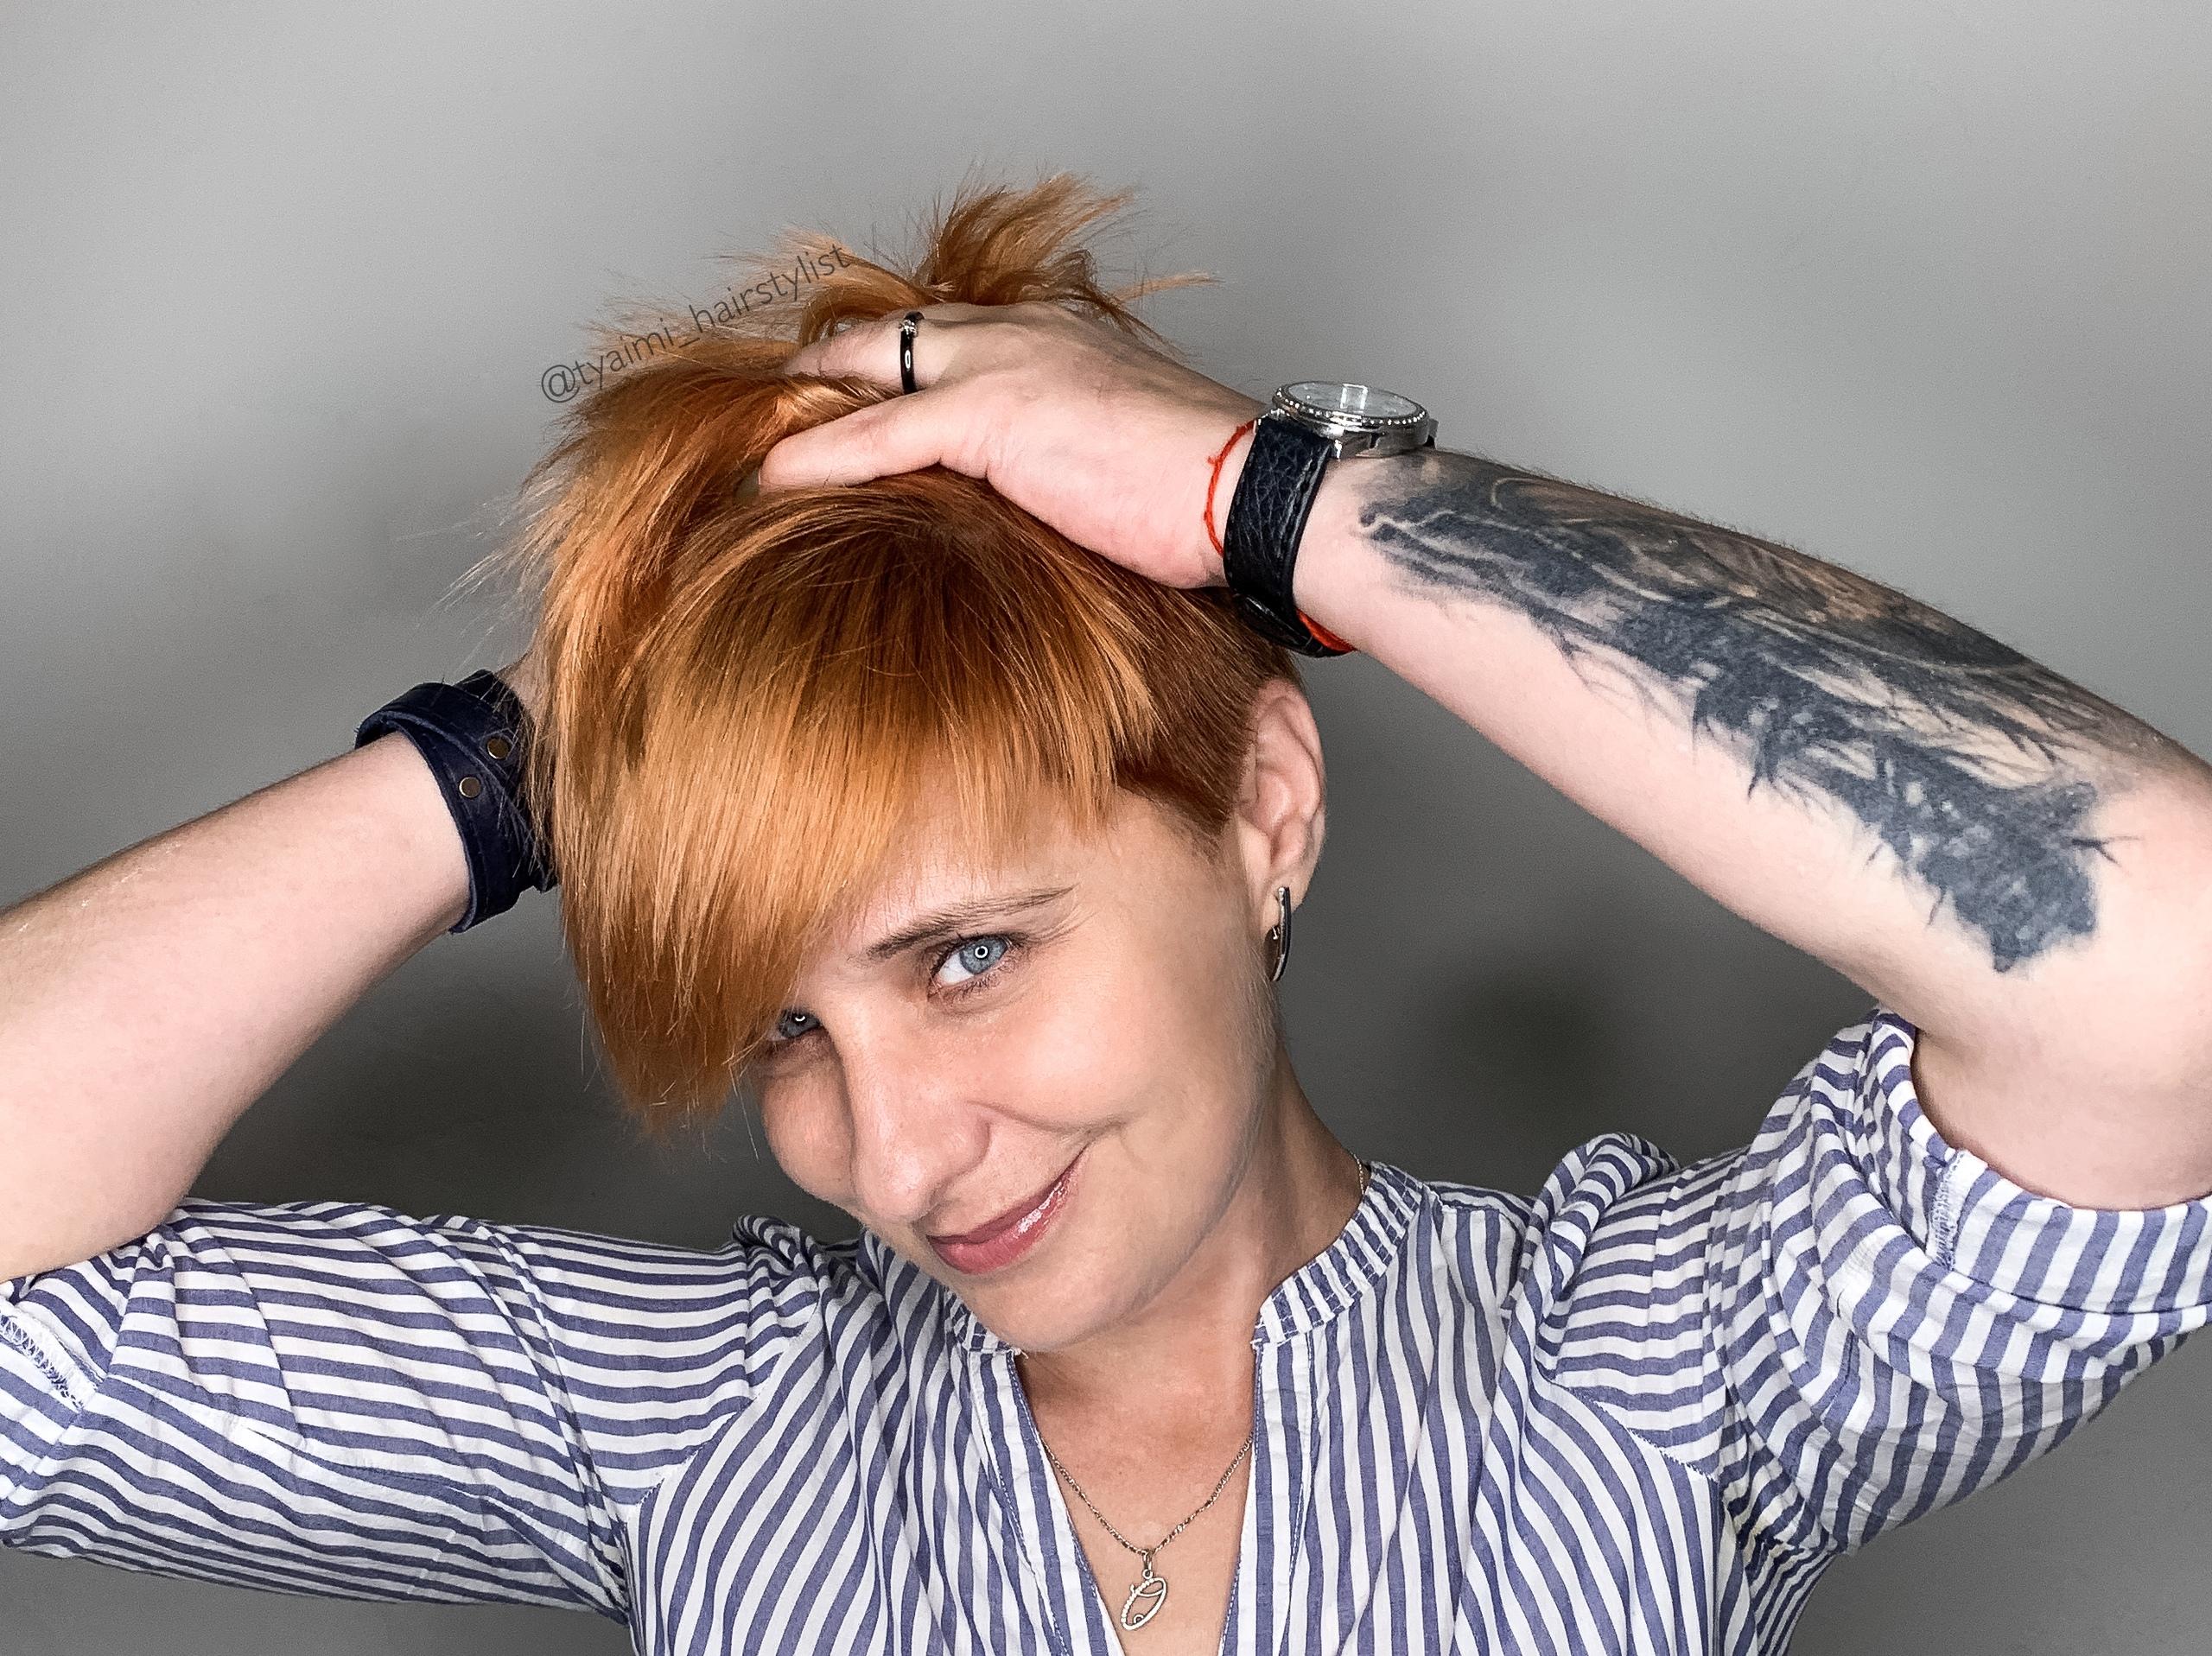 Пикси и лонг-боб: стилист-международник рассказал «Тverlife» о принципах смены образа